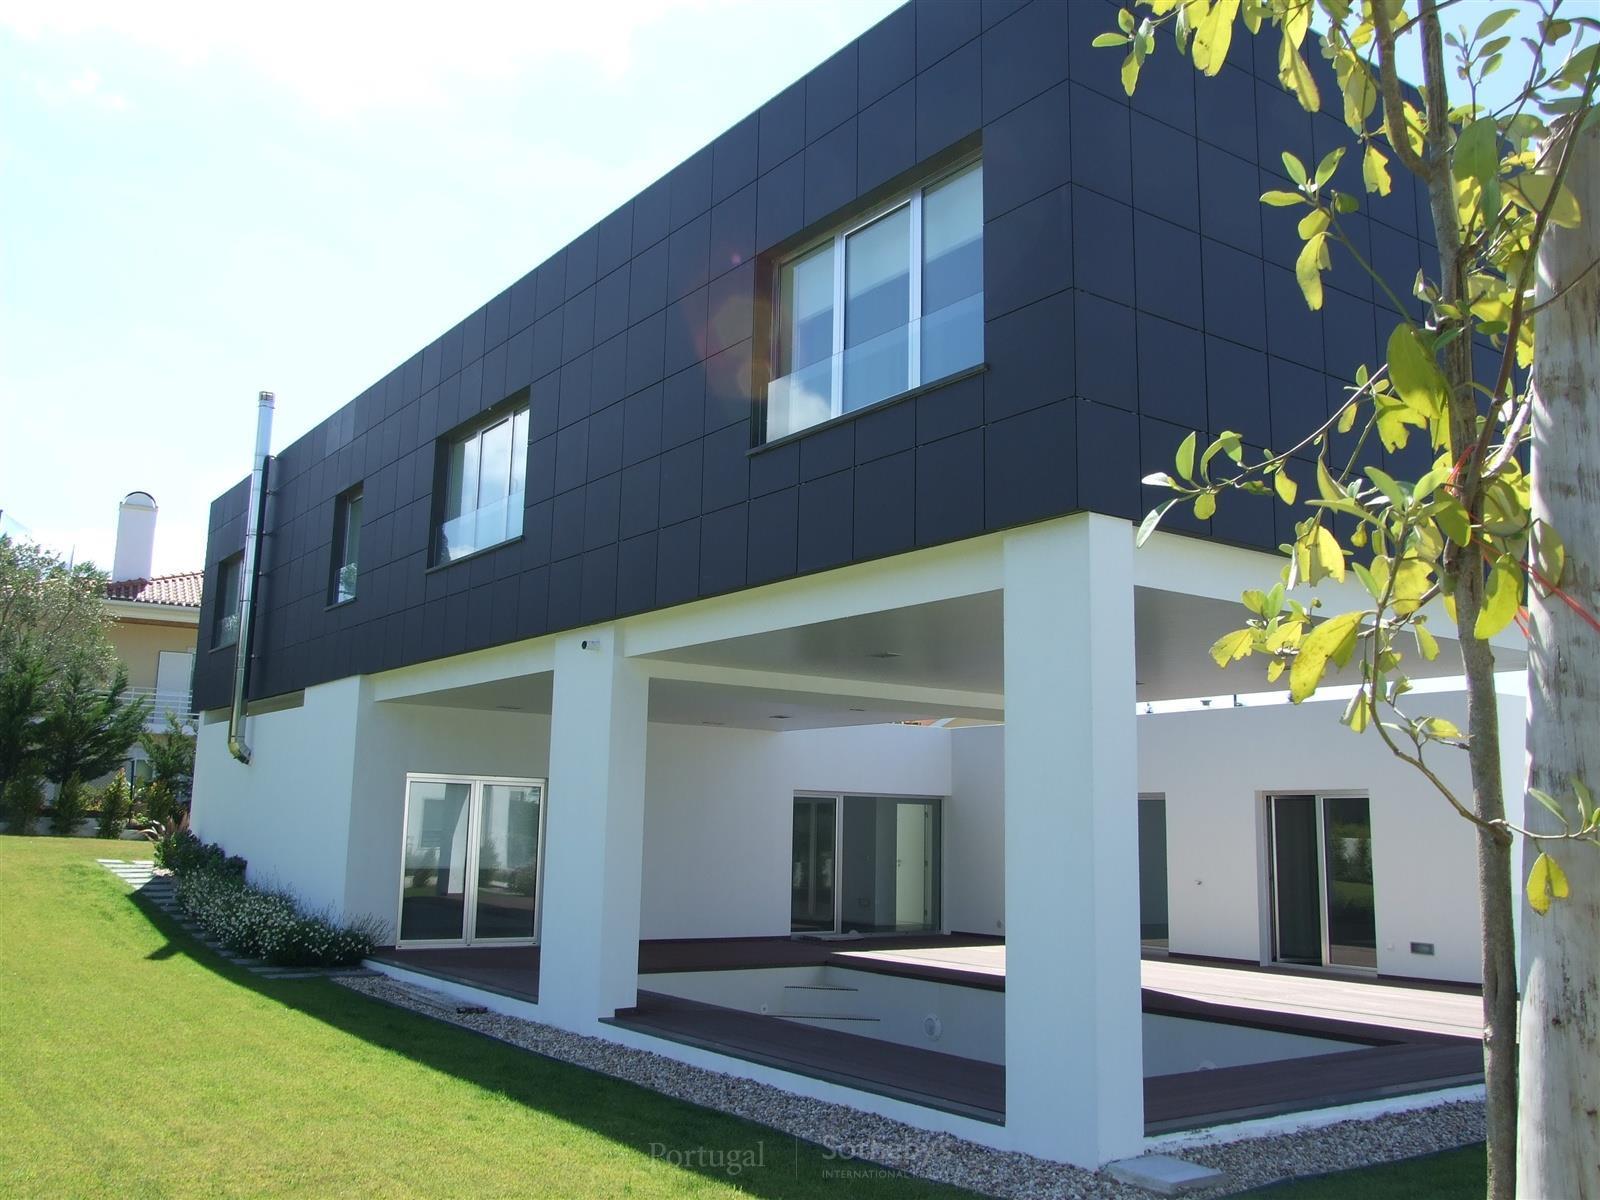 단독 가정 주택 용 매매 에 House, 4 bedrooms, for Sale Sintra, 리스보아 포르투갈